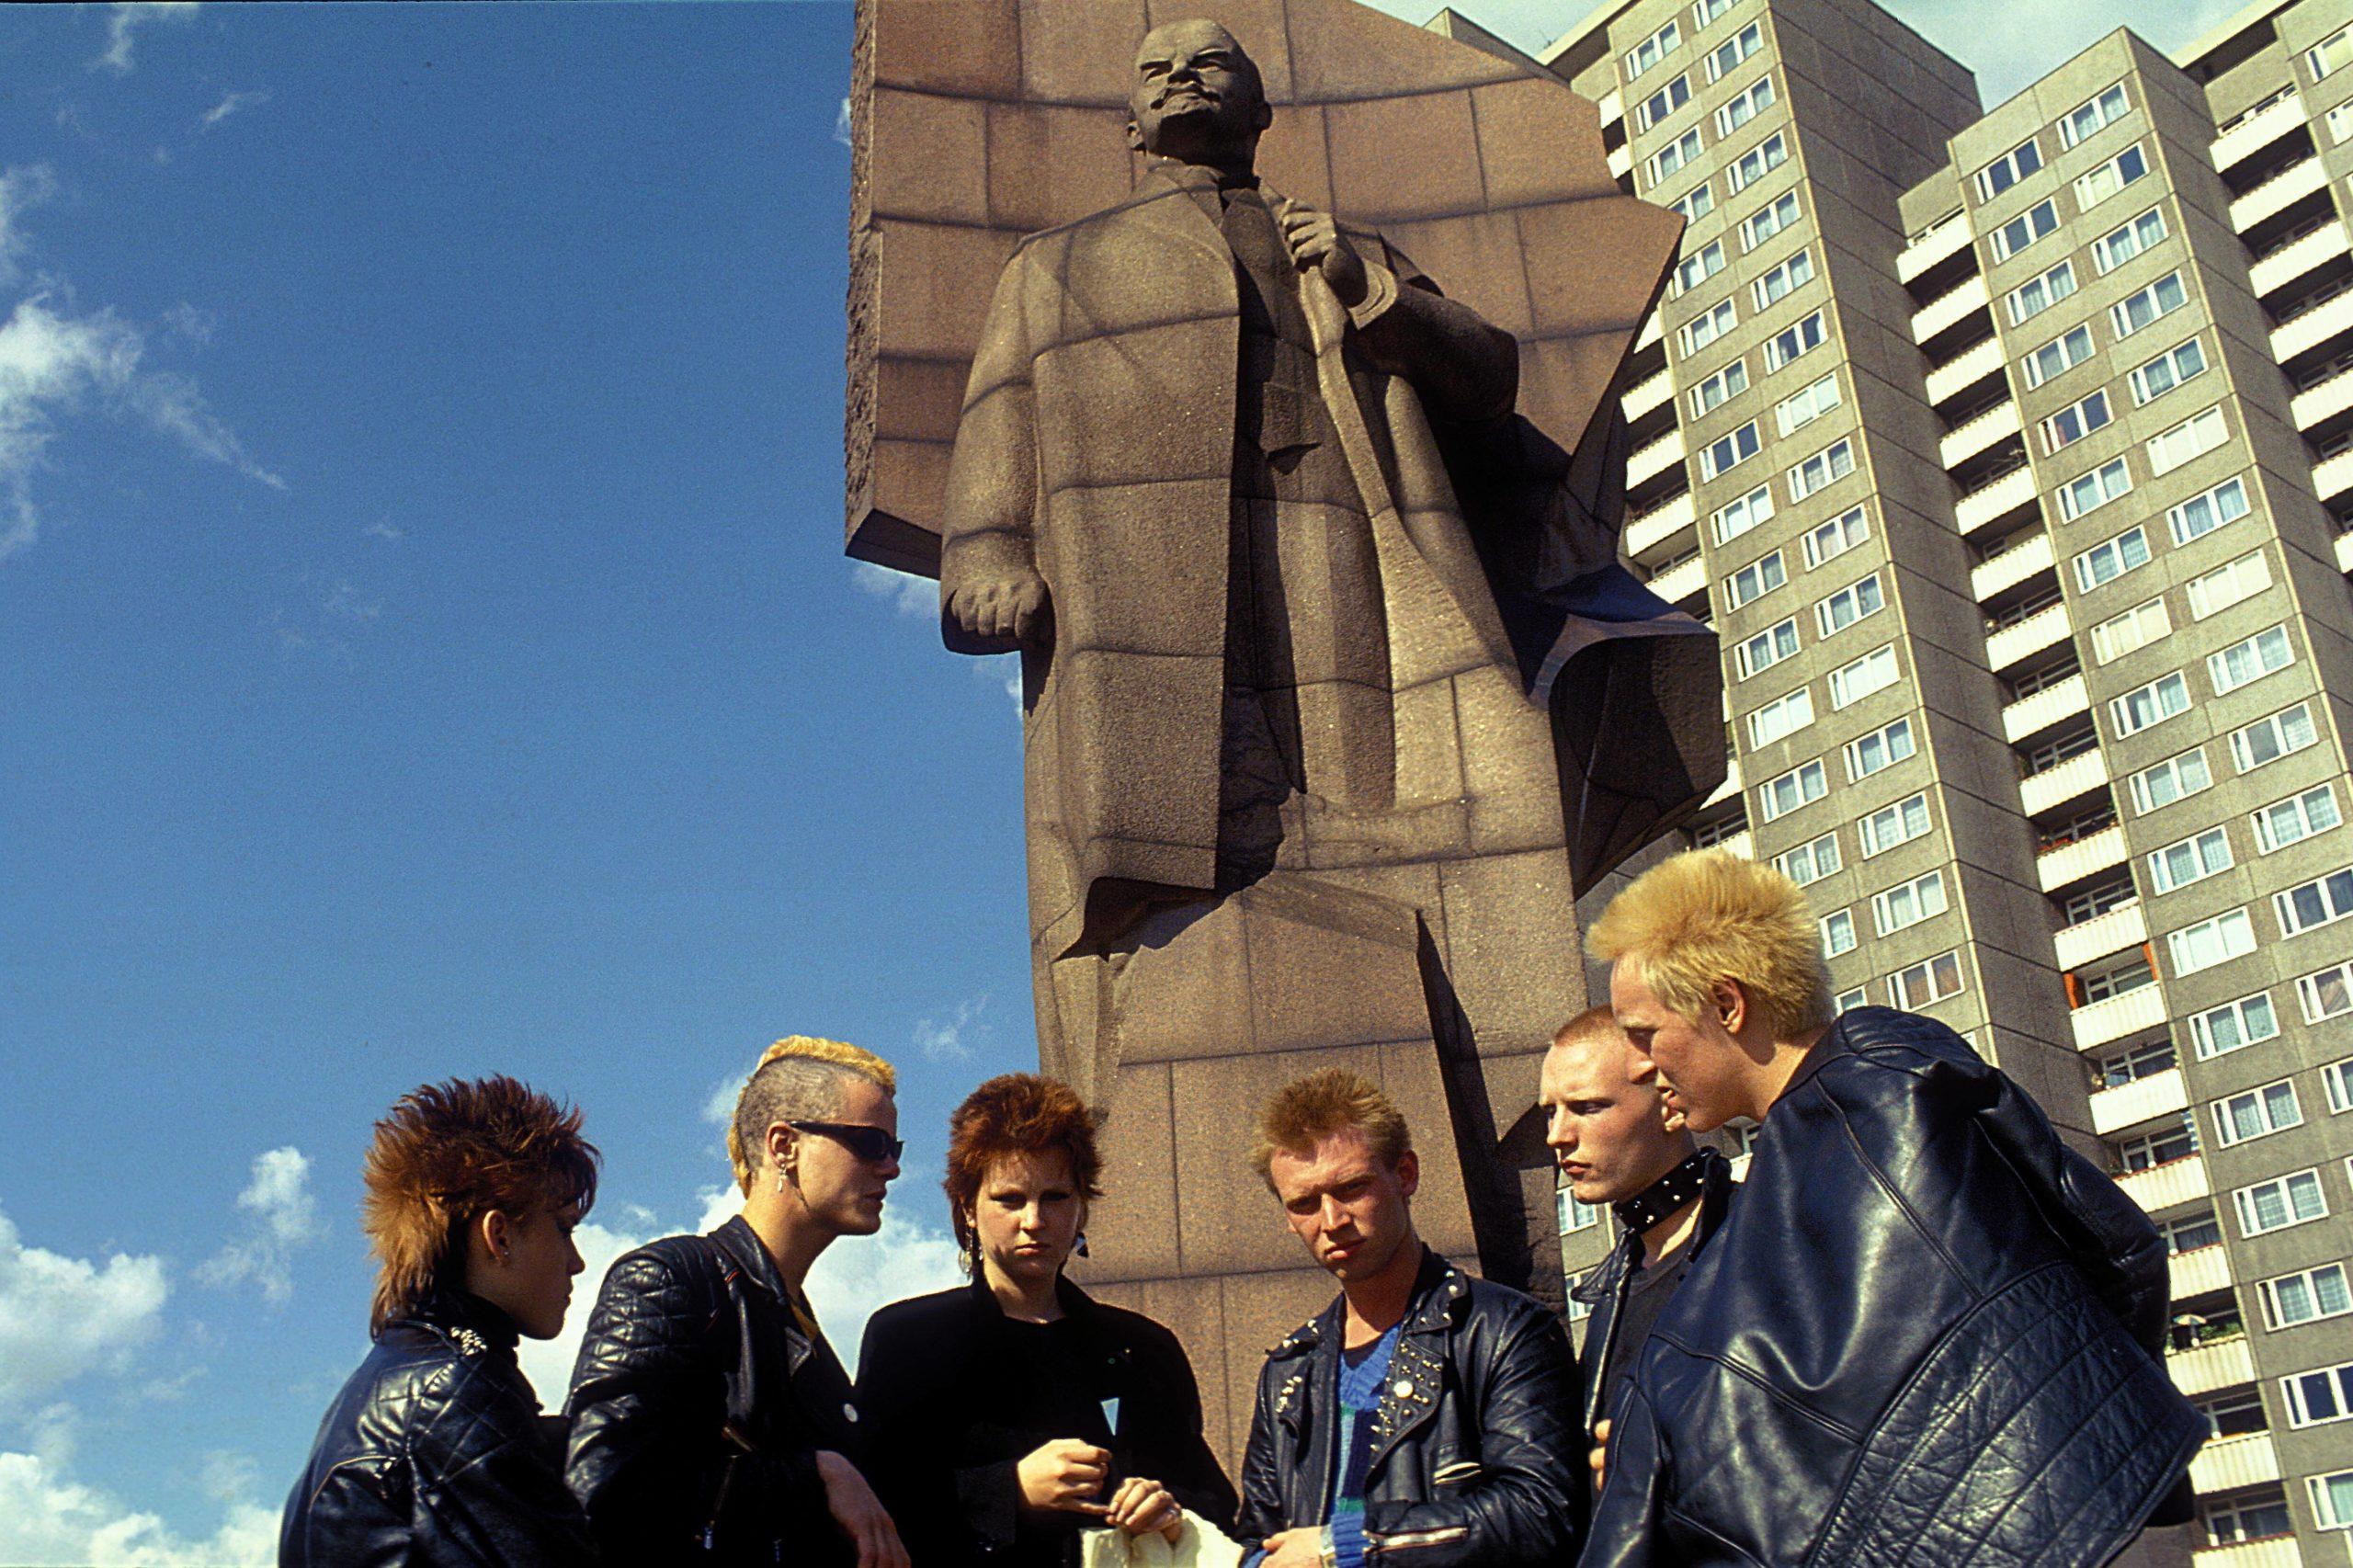 """1982 fuhr Ilse Ruppert im Auftrag der Zeitschrift """"Konkret"""" nach Ost-Berlin, um die Jugend in der Hauptstadt der DDR zu porträtieren. Zufällig begegnete sie auch einigen Punks, die sie vor dem Lenin-Denkmal fotografierte. Foto: Imago/Ilse Ruppert/Photo 12"""